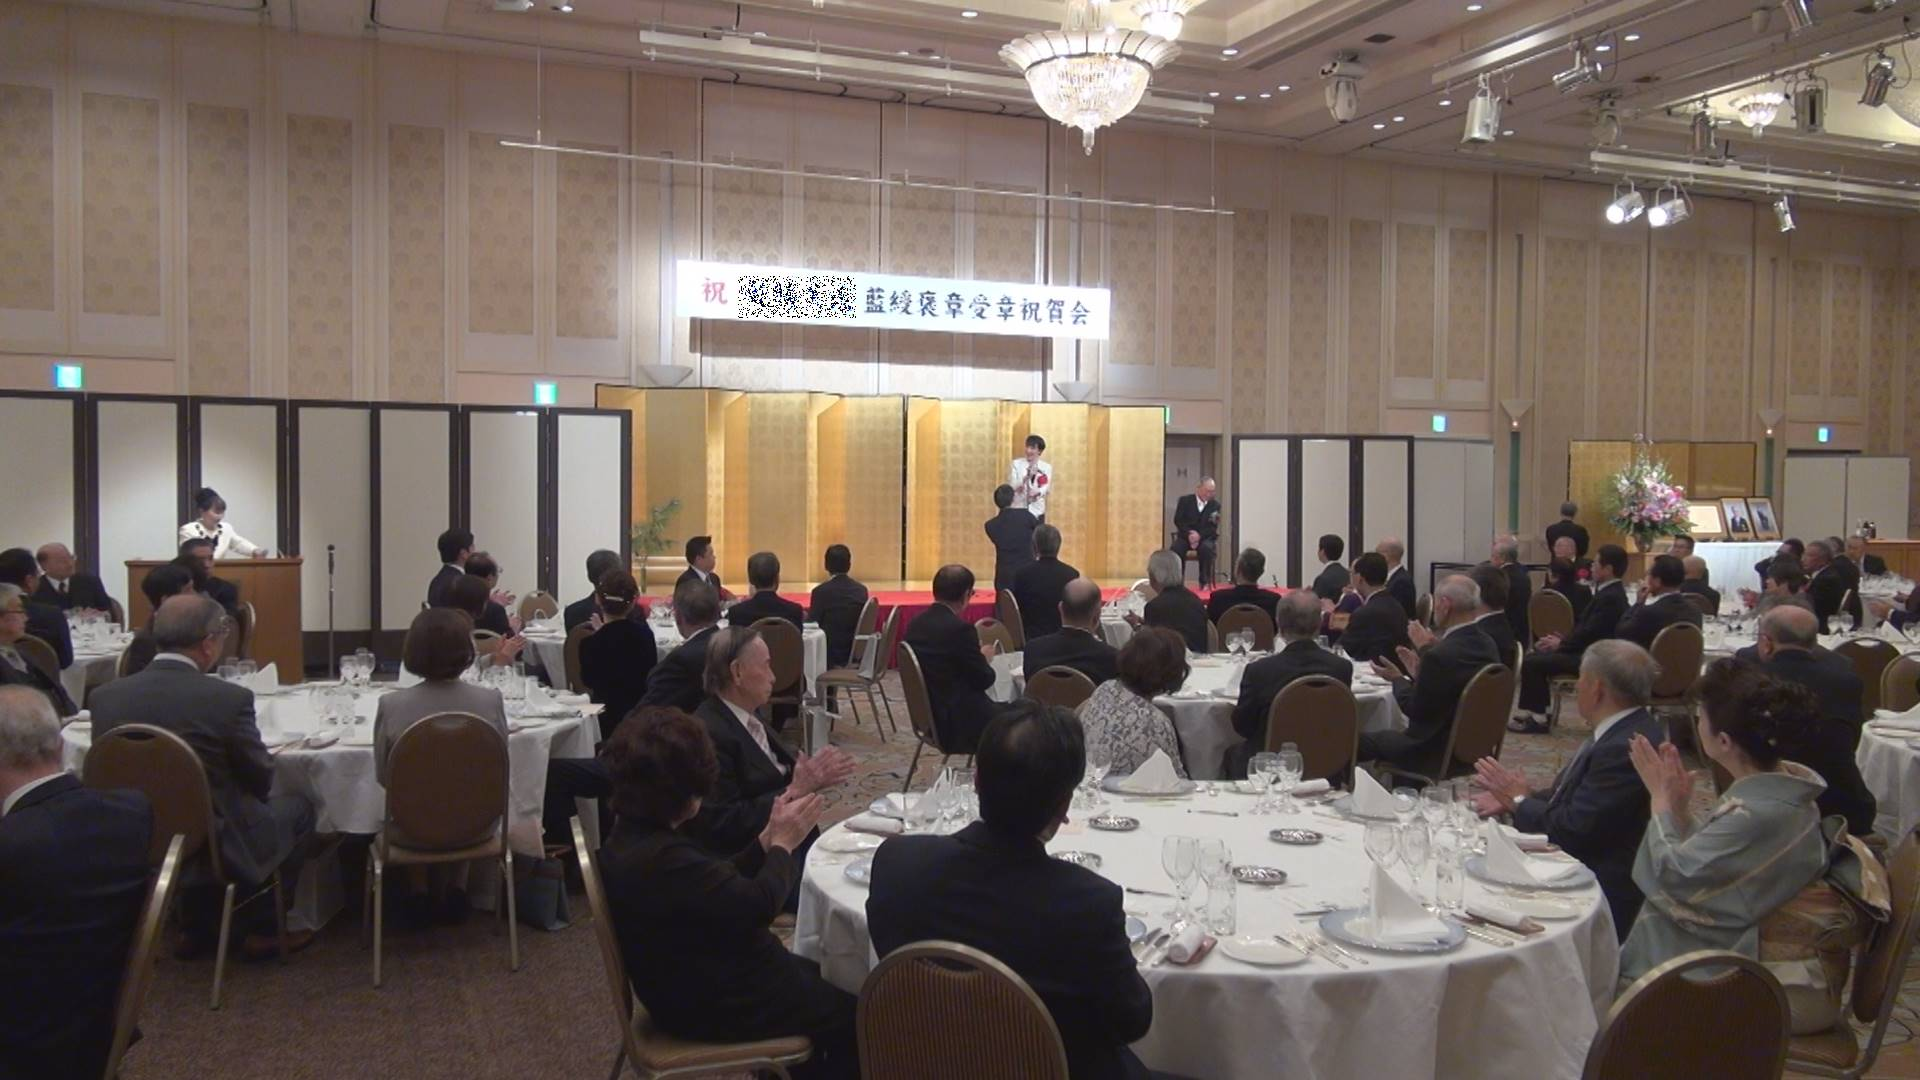 高市早苗総務大臣(自由民主党所属 衆議院議員 奈良県二区選出) 藍綬褒章を受章した奈良県の保護司の受賞祝賀会にて祝辞を述べました。